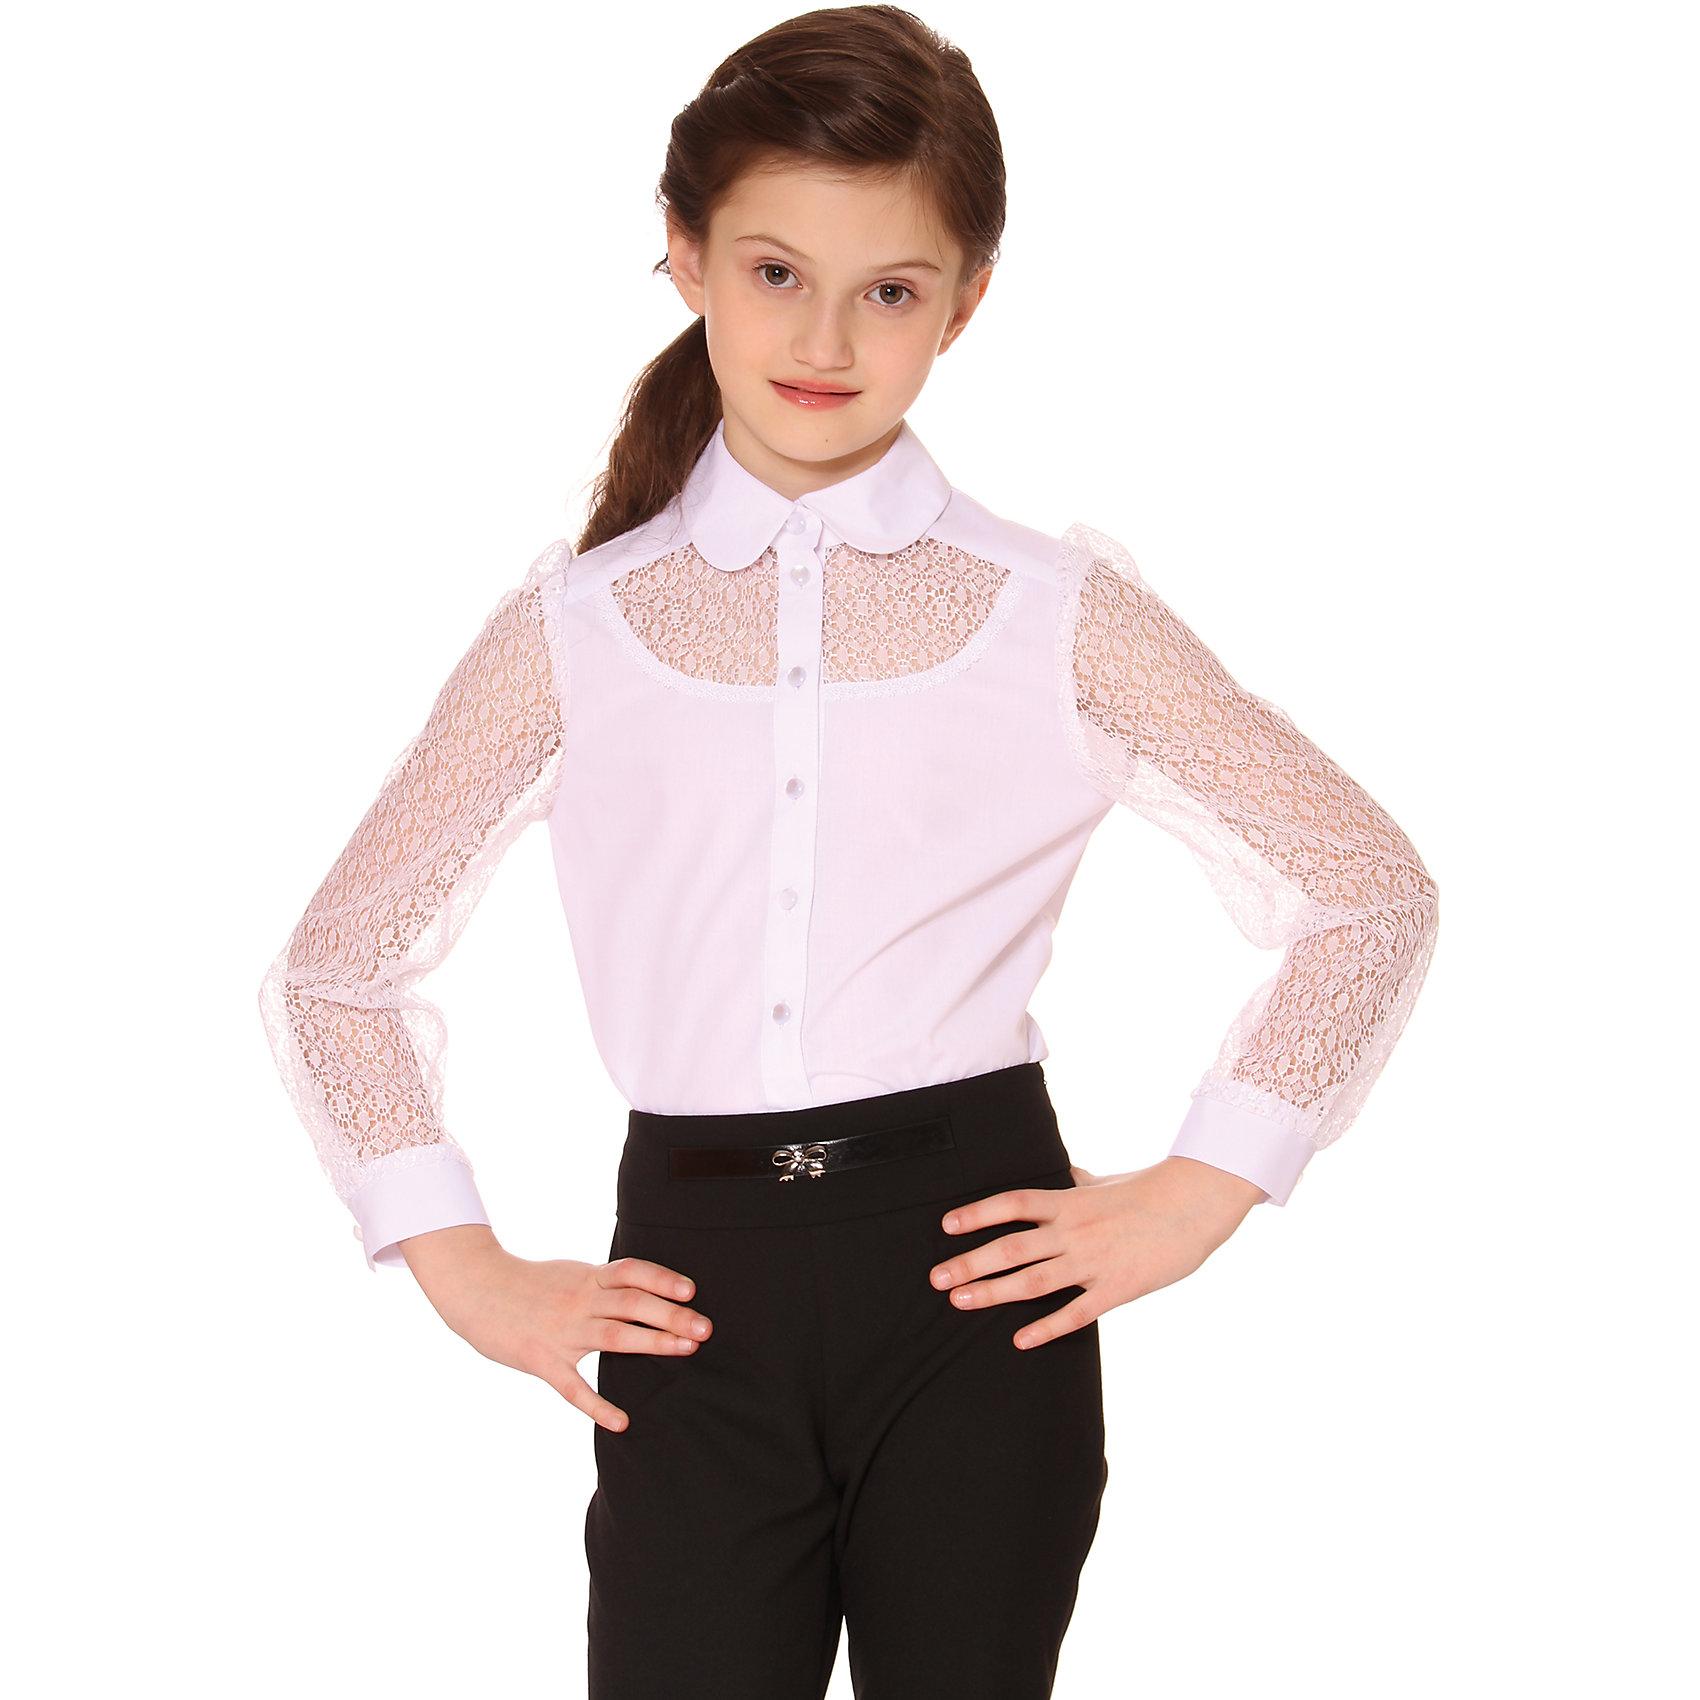 Блузка для девочки СменаБлузки и рубашки<br>Блузка для девочки от известного бренда Смена<br>Элегантная нарядная блузка с рукавами и вставками на переде из кружевного гипюра<br>Состав:<br>48%-вискоза;52%-полиэстер<br><br>Ширина мм: 186<br>Глубина мм: 87<br>Высота мм: 198<br>Вес г: 197<br>Цвет: белый<br>Возраст от месяцев: 72<br>Возраст до месяцев: 84<br>Пол: Женский<br>Возраст: Детский<br>Размер: 122,152,146,140,158,134,128<br>SKU: 4720390